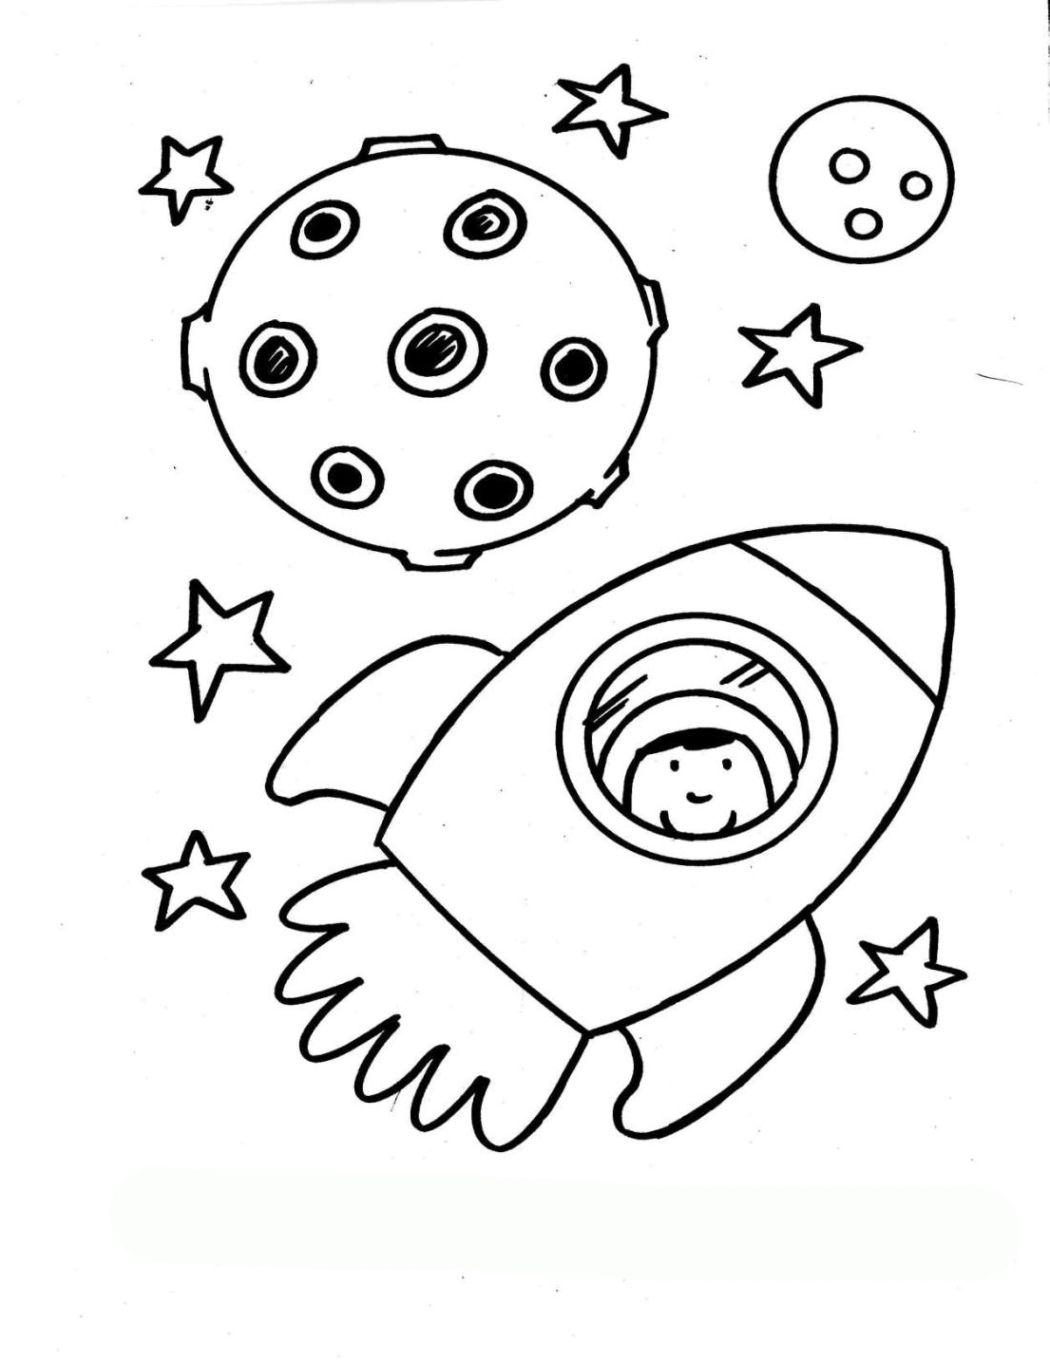 Ausmalbilder Rakete Malvorlagen 1 Ausdrucken Ausmalbilder Ausmalen